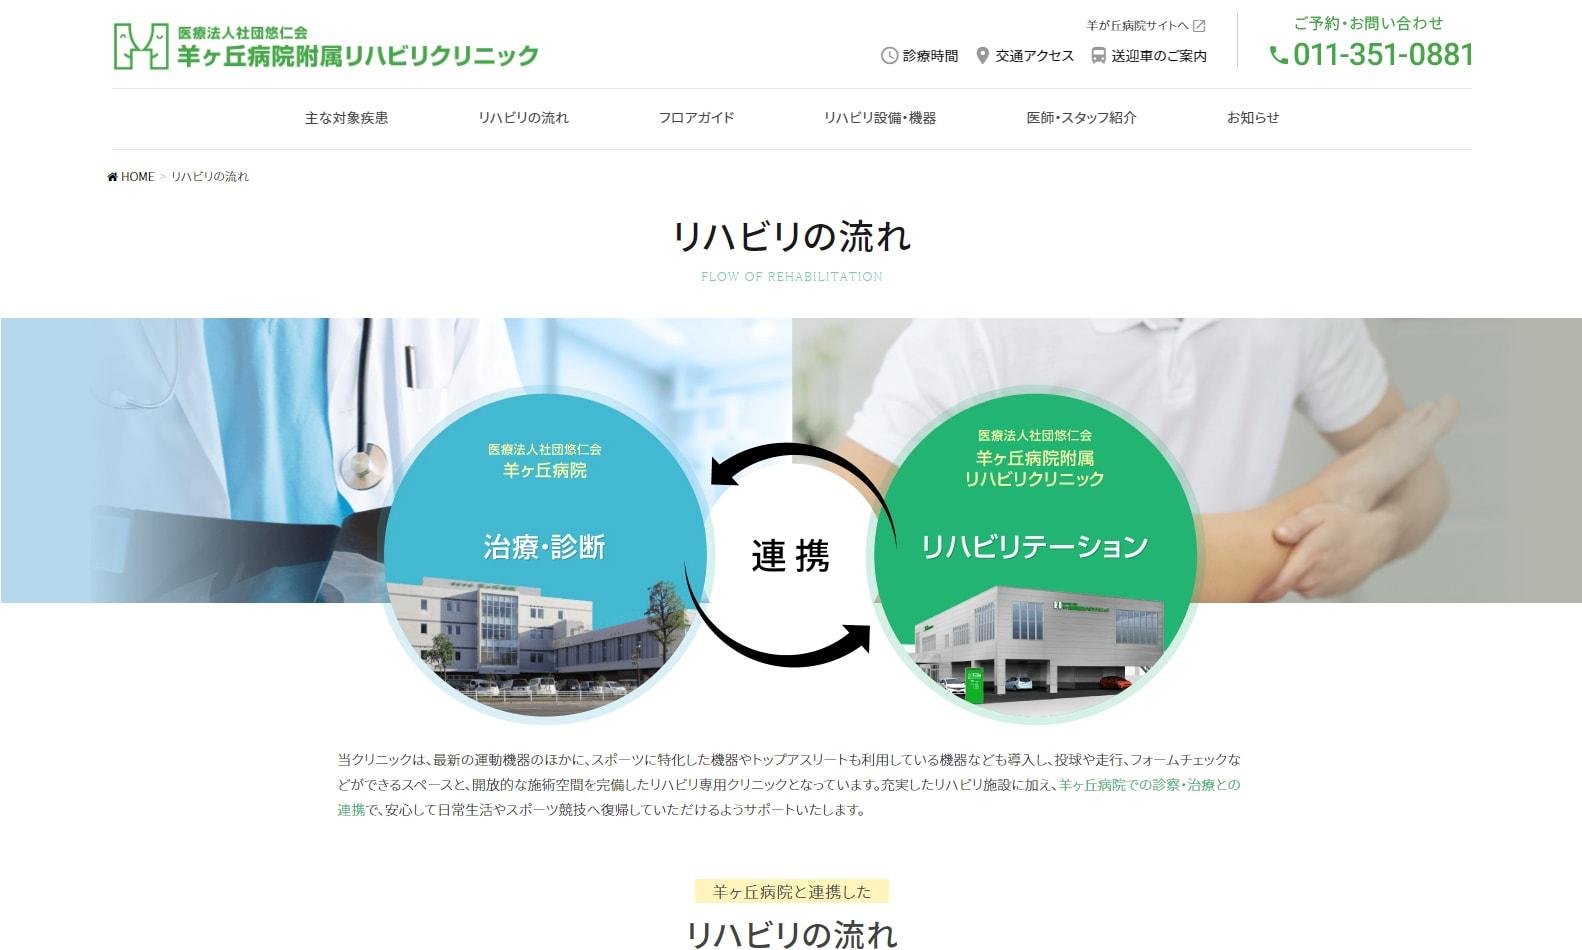 医療法人社団悠仁会 羊ヶ丘病院附属リハビリクリニック